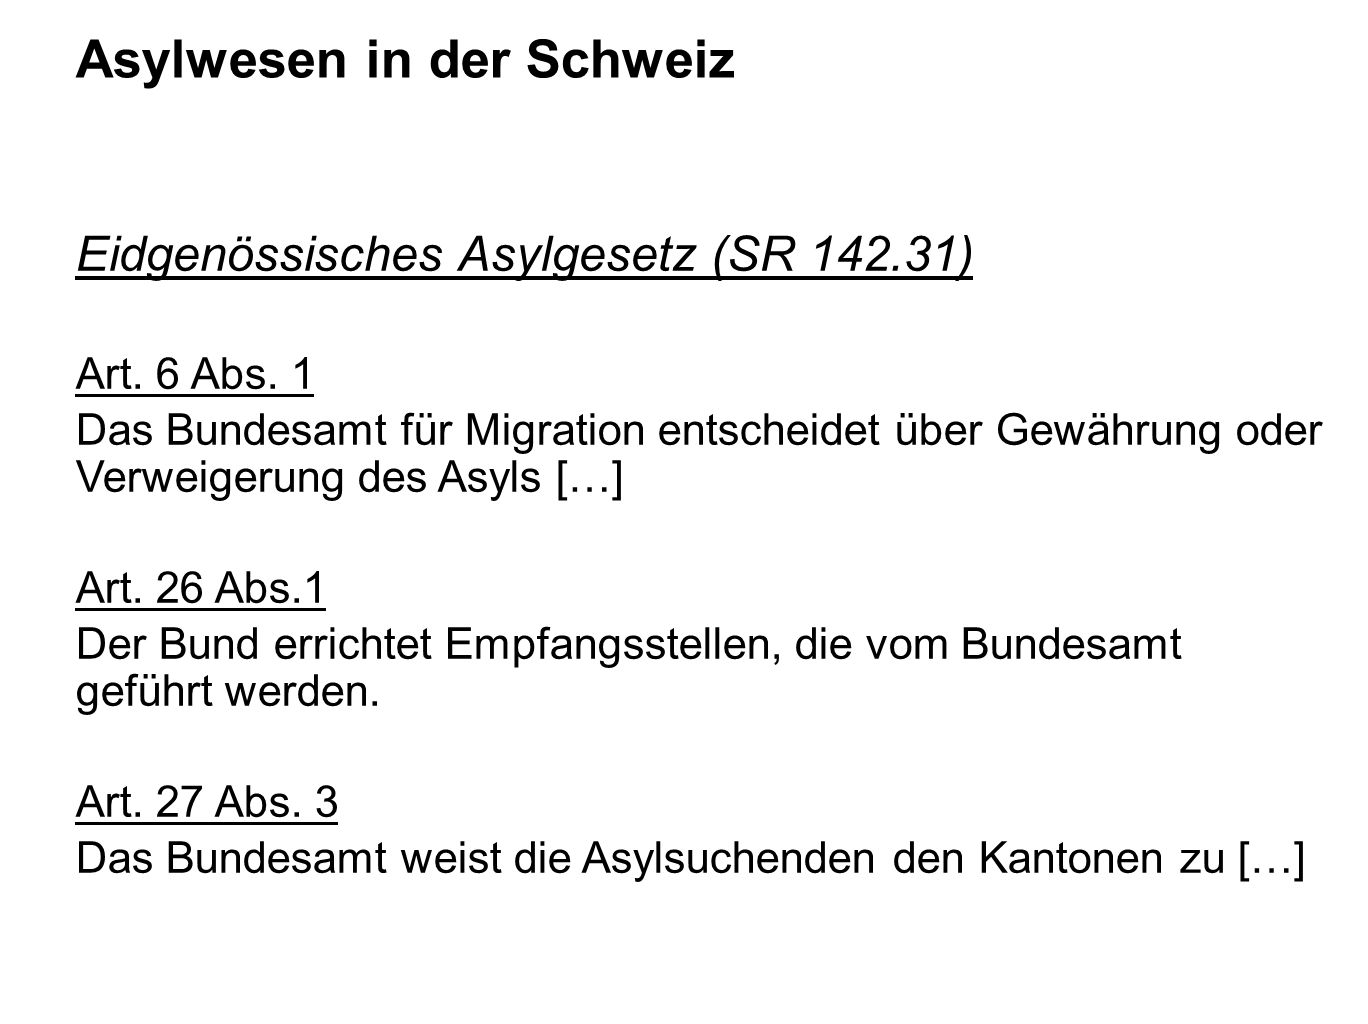 Asylwesen in der Schweiz